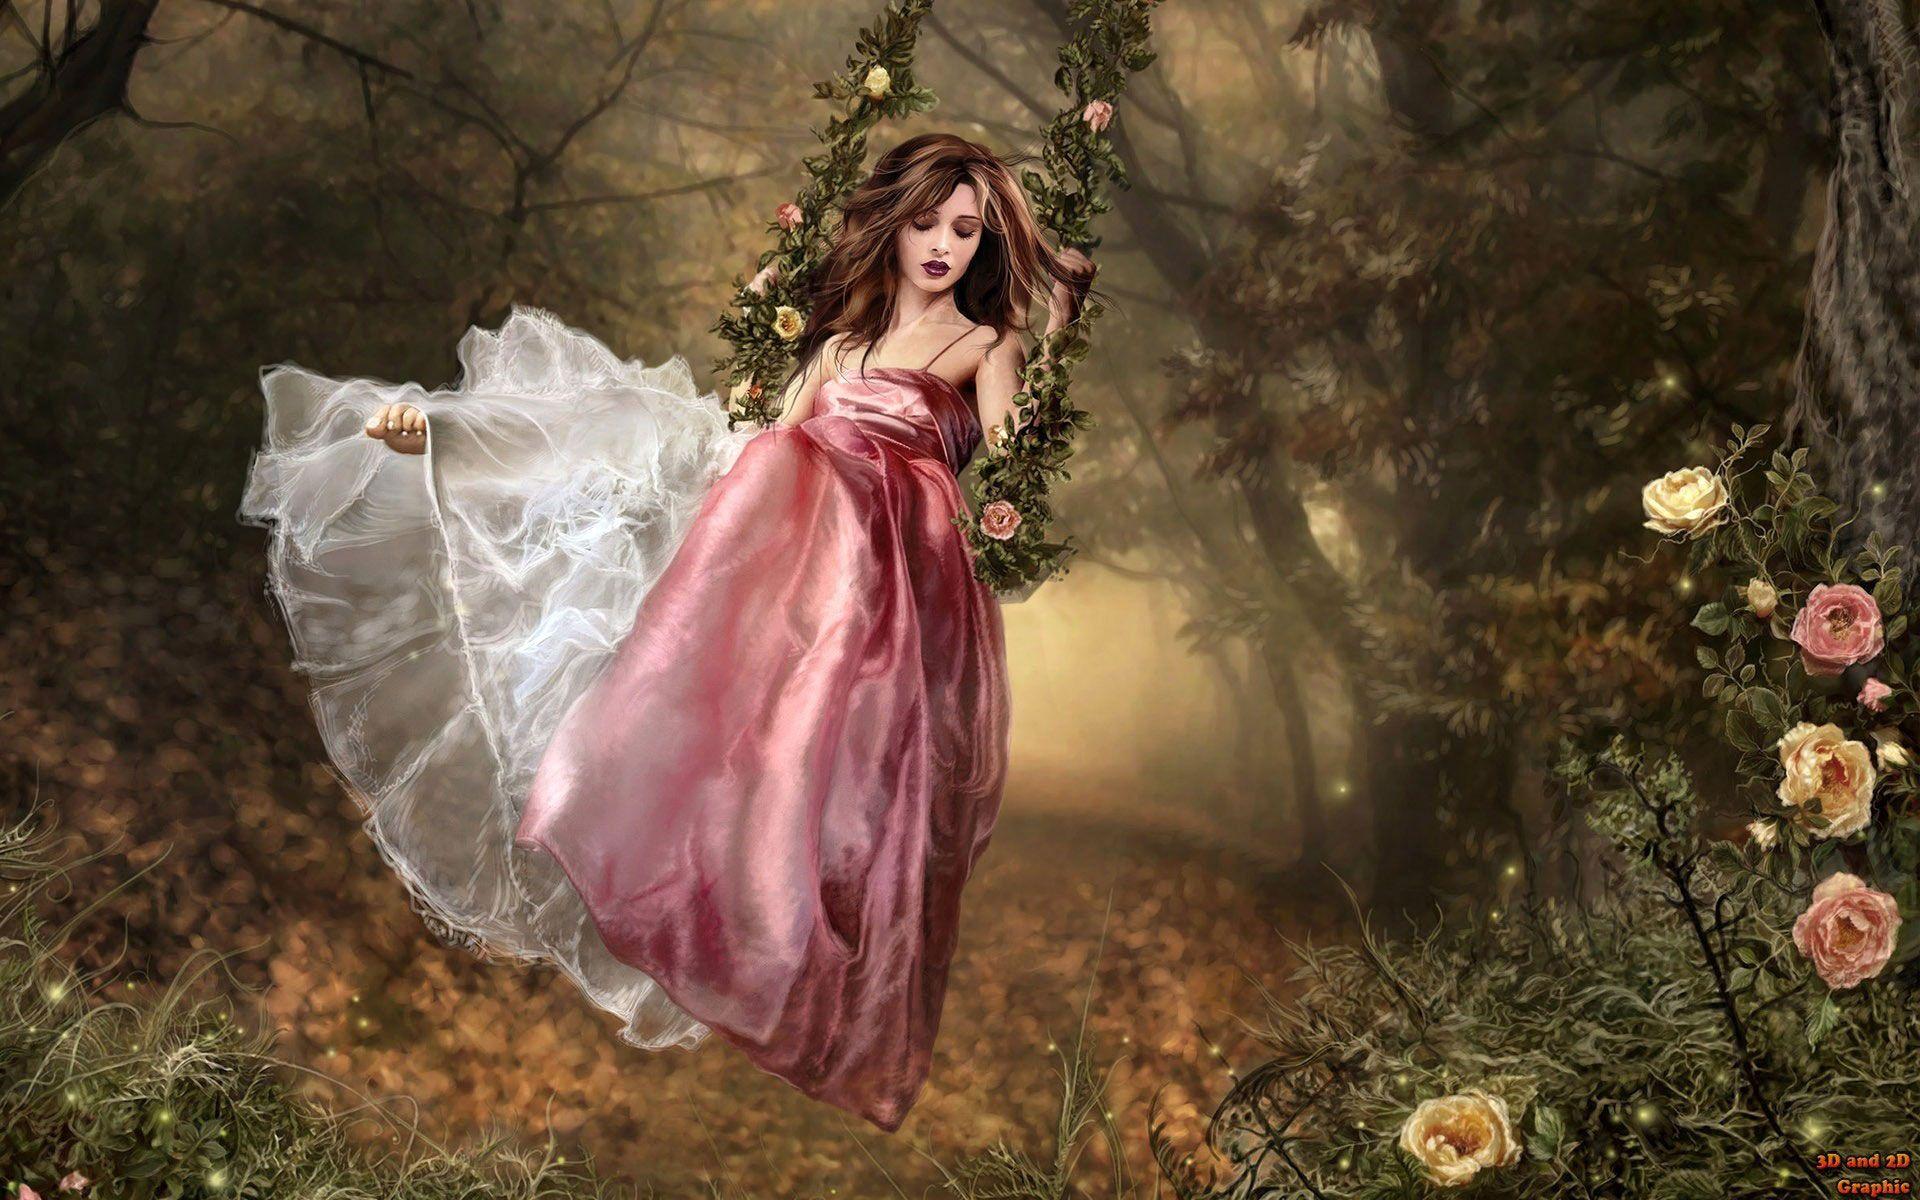 3d Fantasy Girl Wallpaper Cute Animated Girls Wallpapers Fairy Wallpaper Princess Wallpaper Fantasy Girl